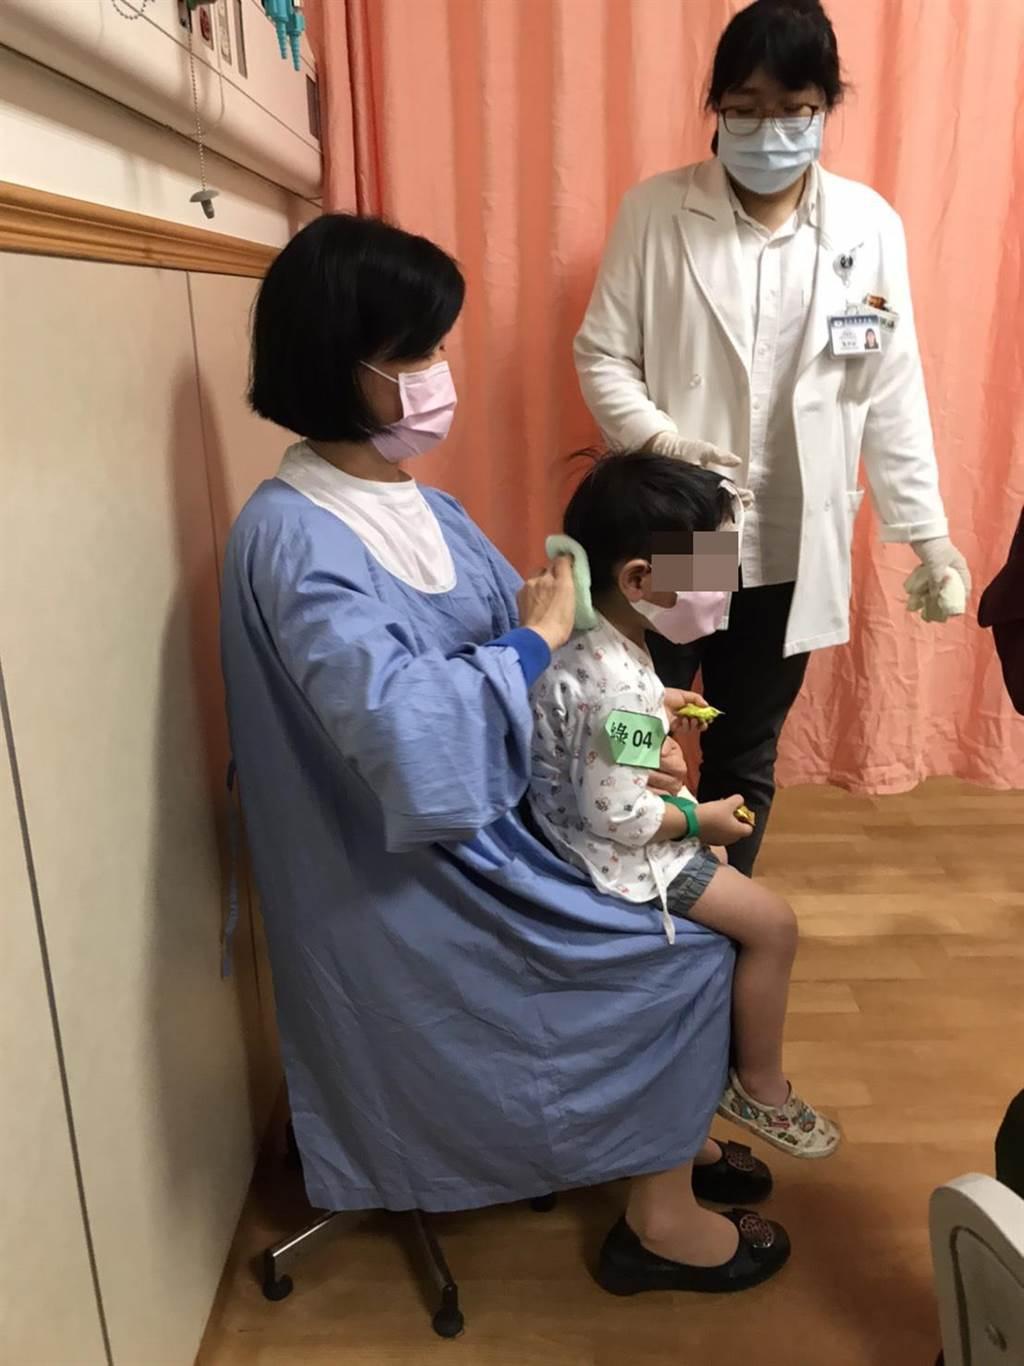 慈濟醫院小兒科醫師朱紹盈安撫著小男童。(慈濟醫院提供/王志偉花蓮傳真)